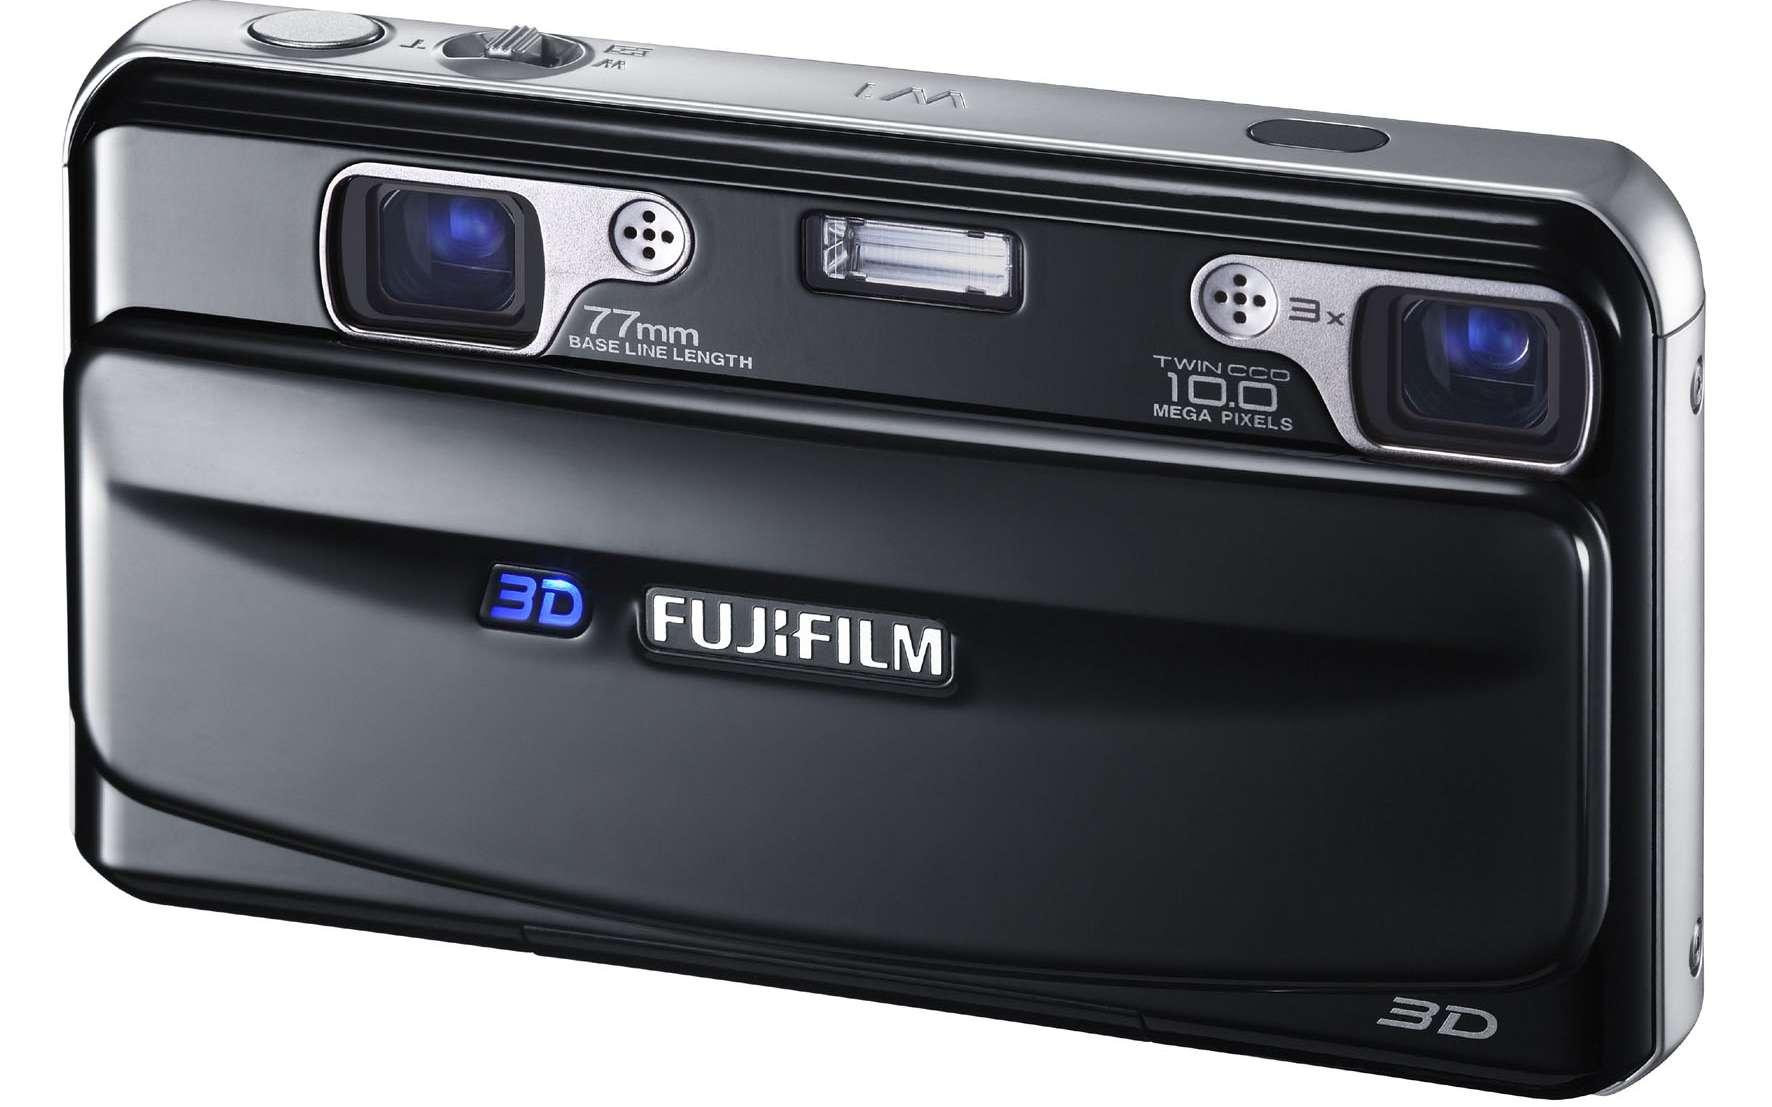 Grâce à ses deux objectifs, le FinePix 3D W1 peut prendre deux images simultanément, permettant de restituer le relief, ou bien deux vues prises à des focales différentes. © DR